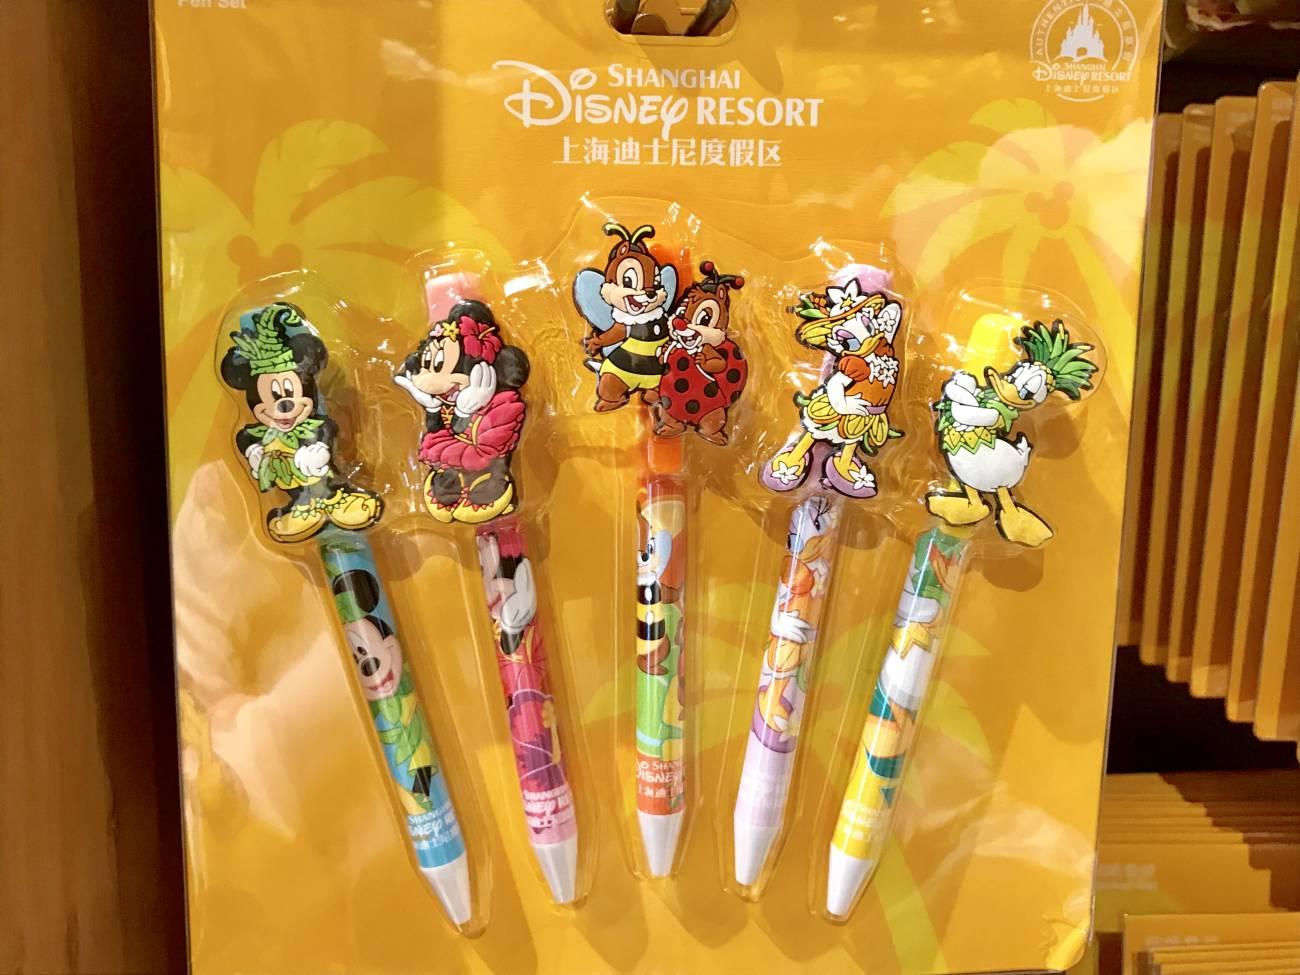 上海ディズニーグッズ特集】日本では買えない上海ディズニー限定商品や